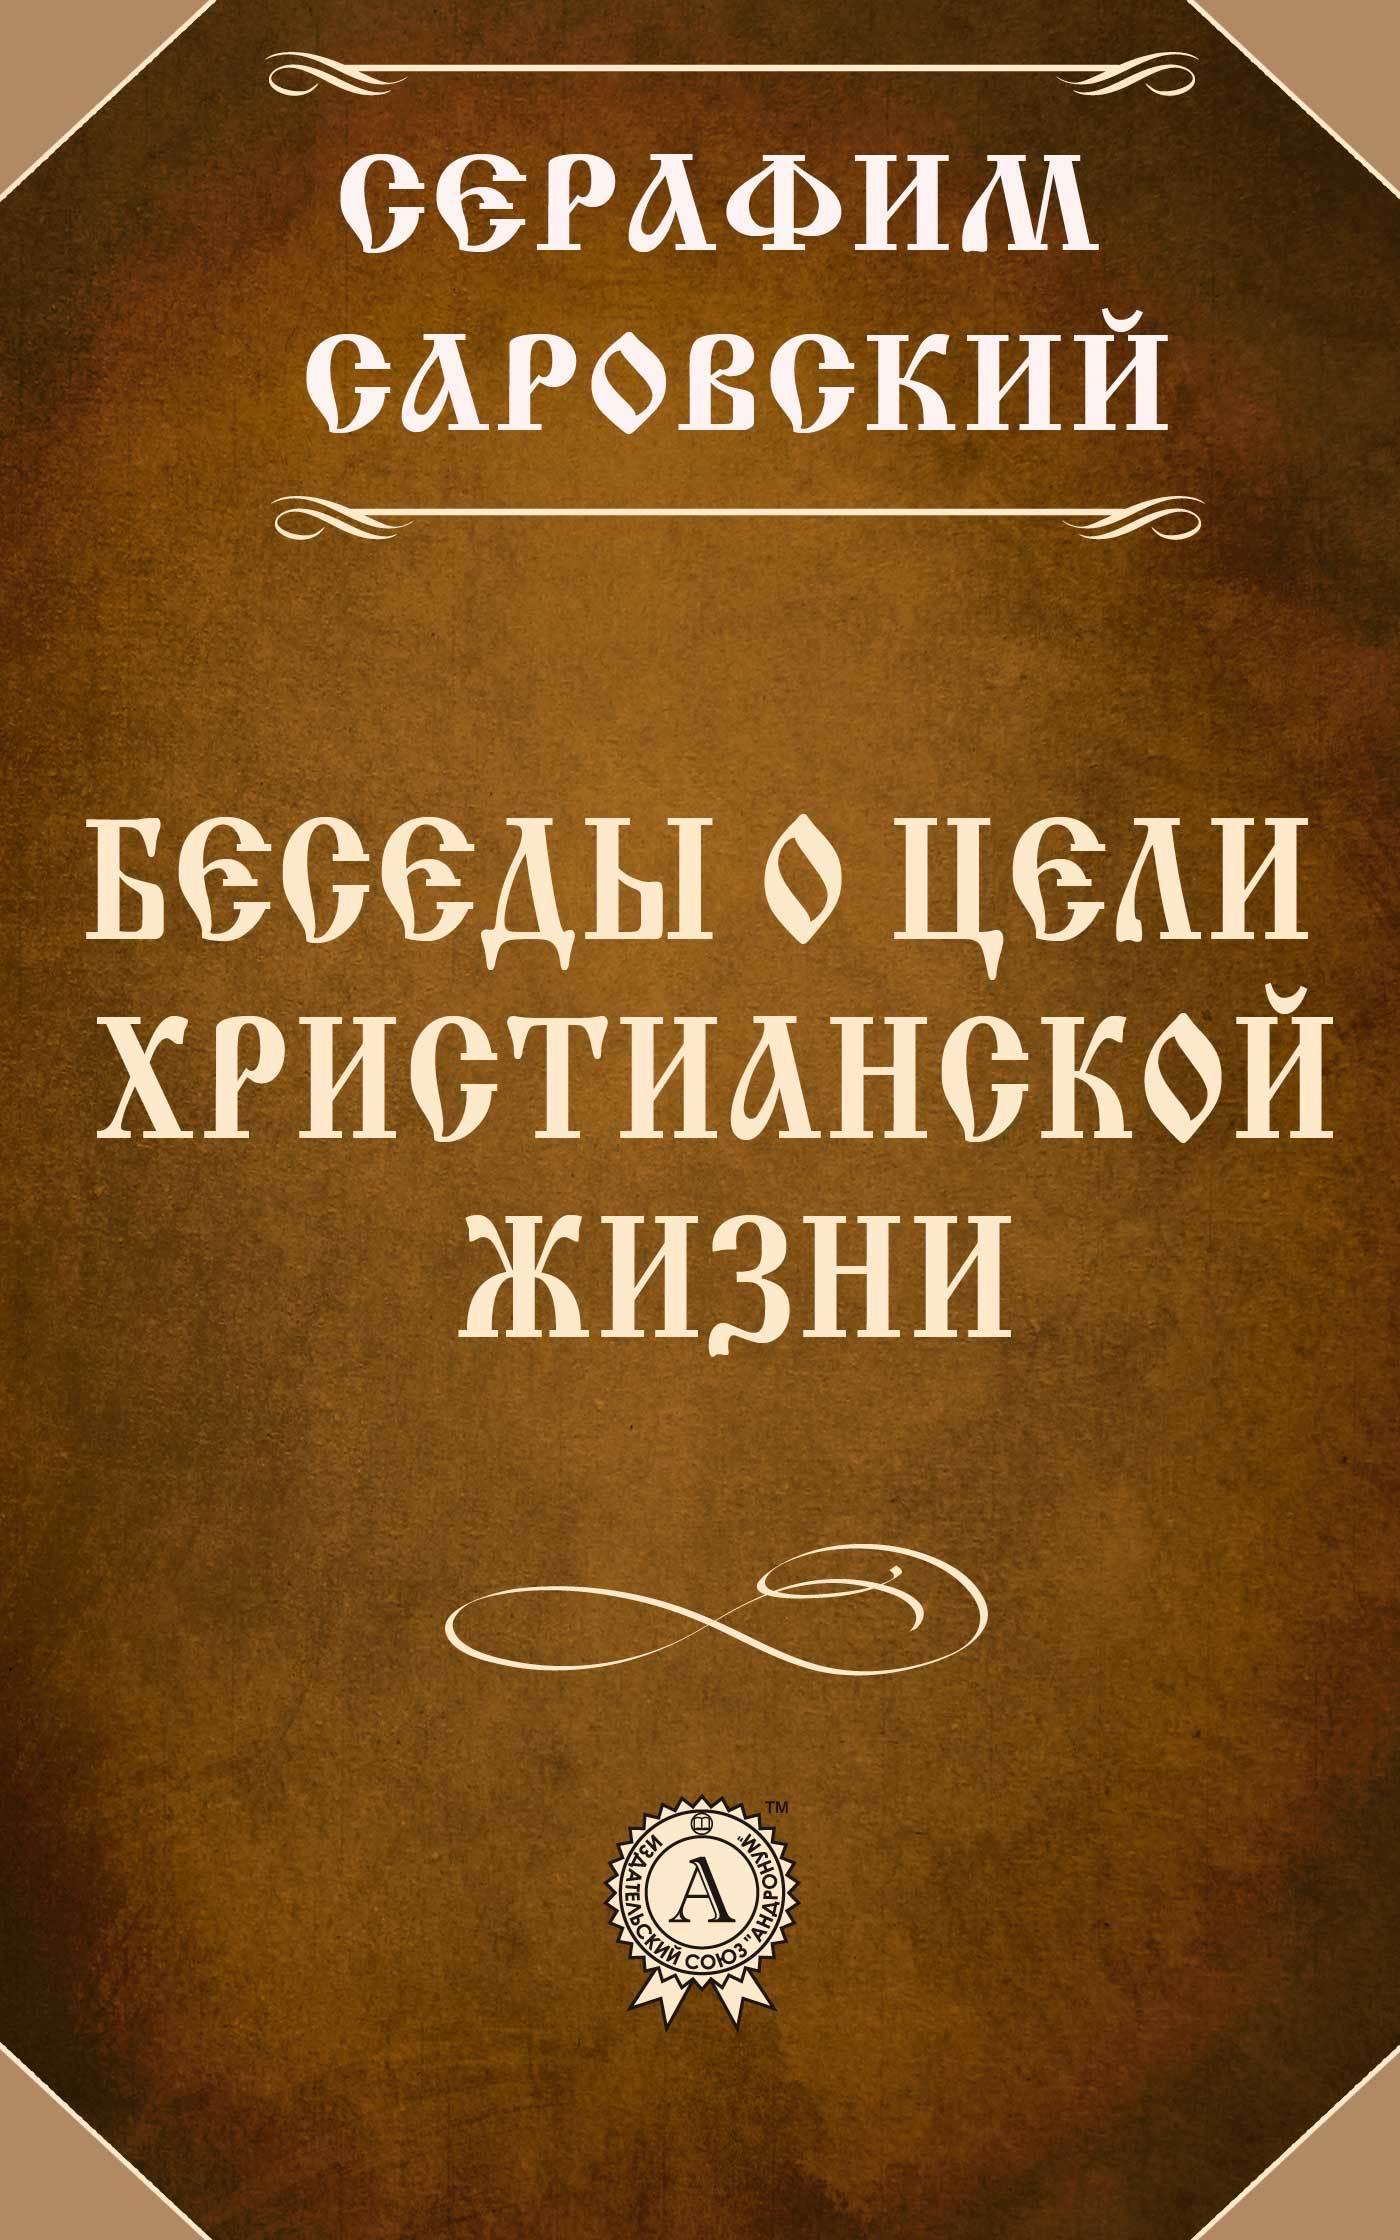 Скачать Беседы о цели христианской жизни бесплатно Серафим Саровский Преподобный